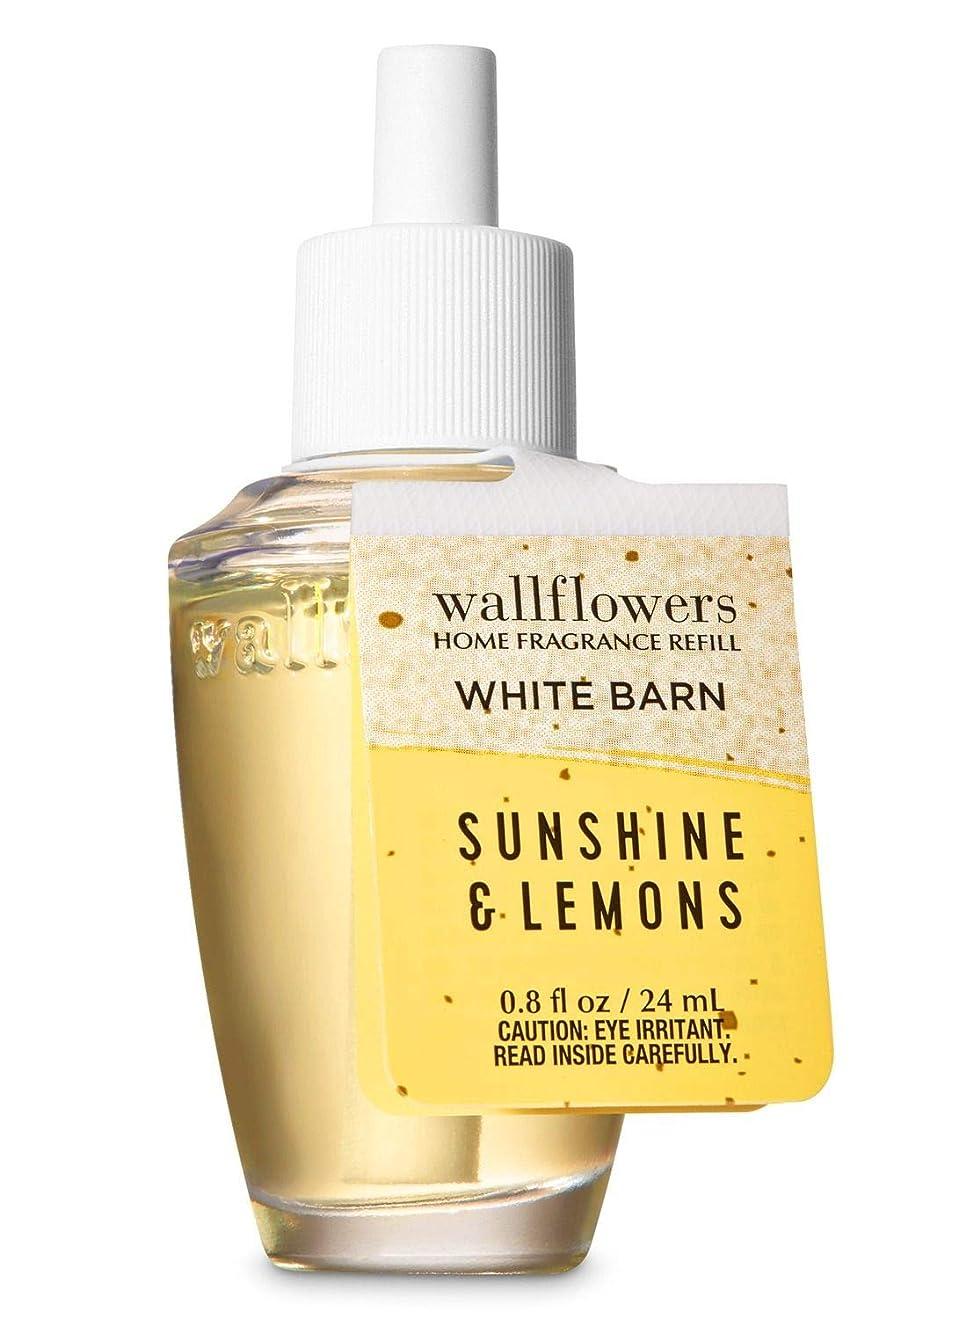 トラック考古学長方形【Bath&Body Works/バス&ボディワークス】 ルームフレグランス 詰替えリフィル サンシャイン&レモン Wallflowers Home Fragrance Refill Sunshine & Lemon [並行輸入品]